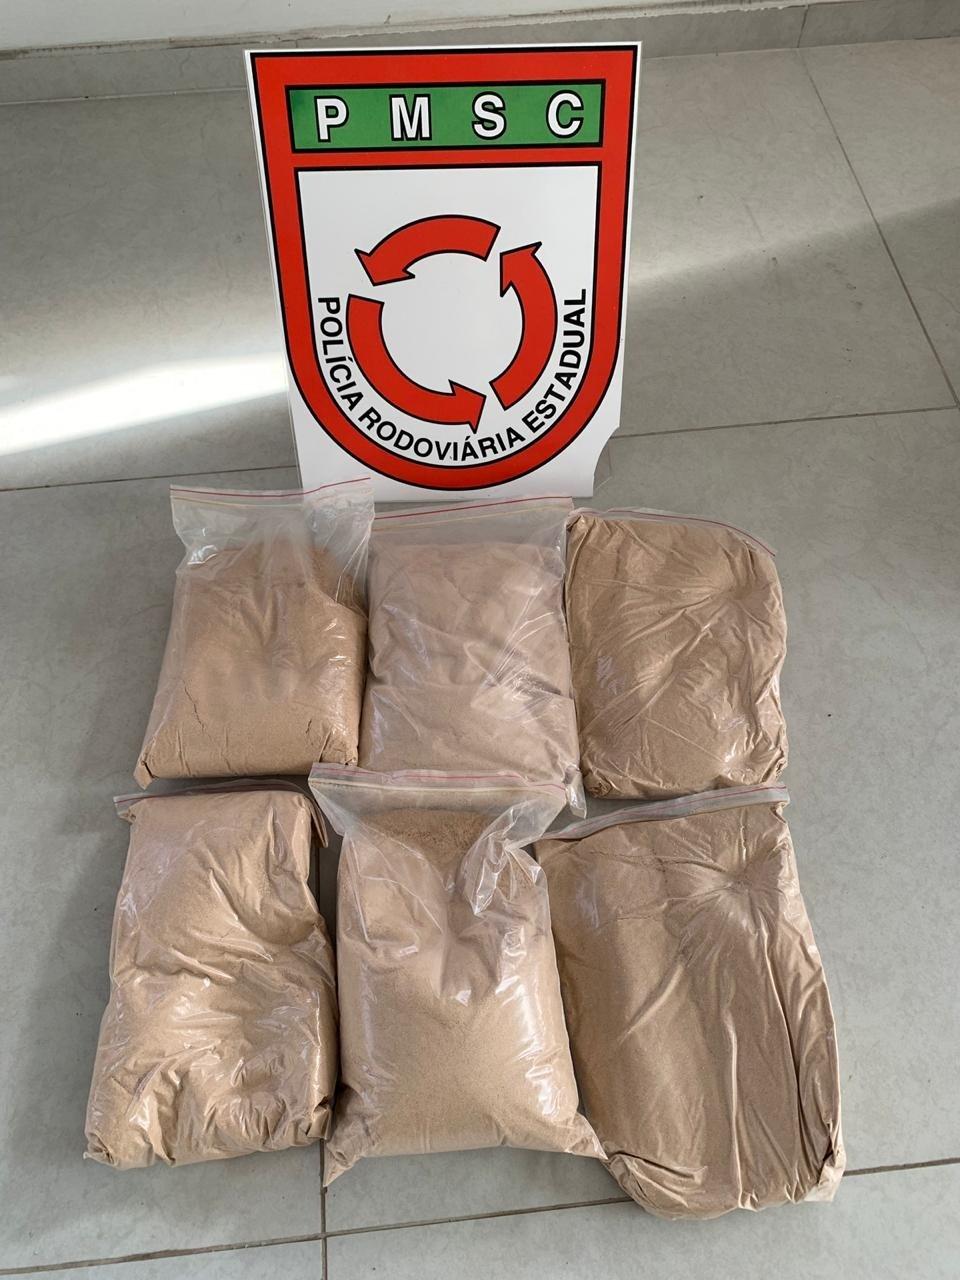 Polícia apreende seis quilos de MDMA e três homens são detidos no Norte de SC - Notícias - Plantão Diário